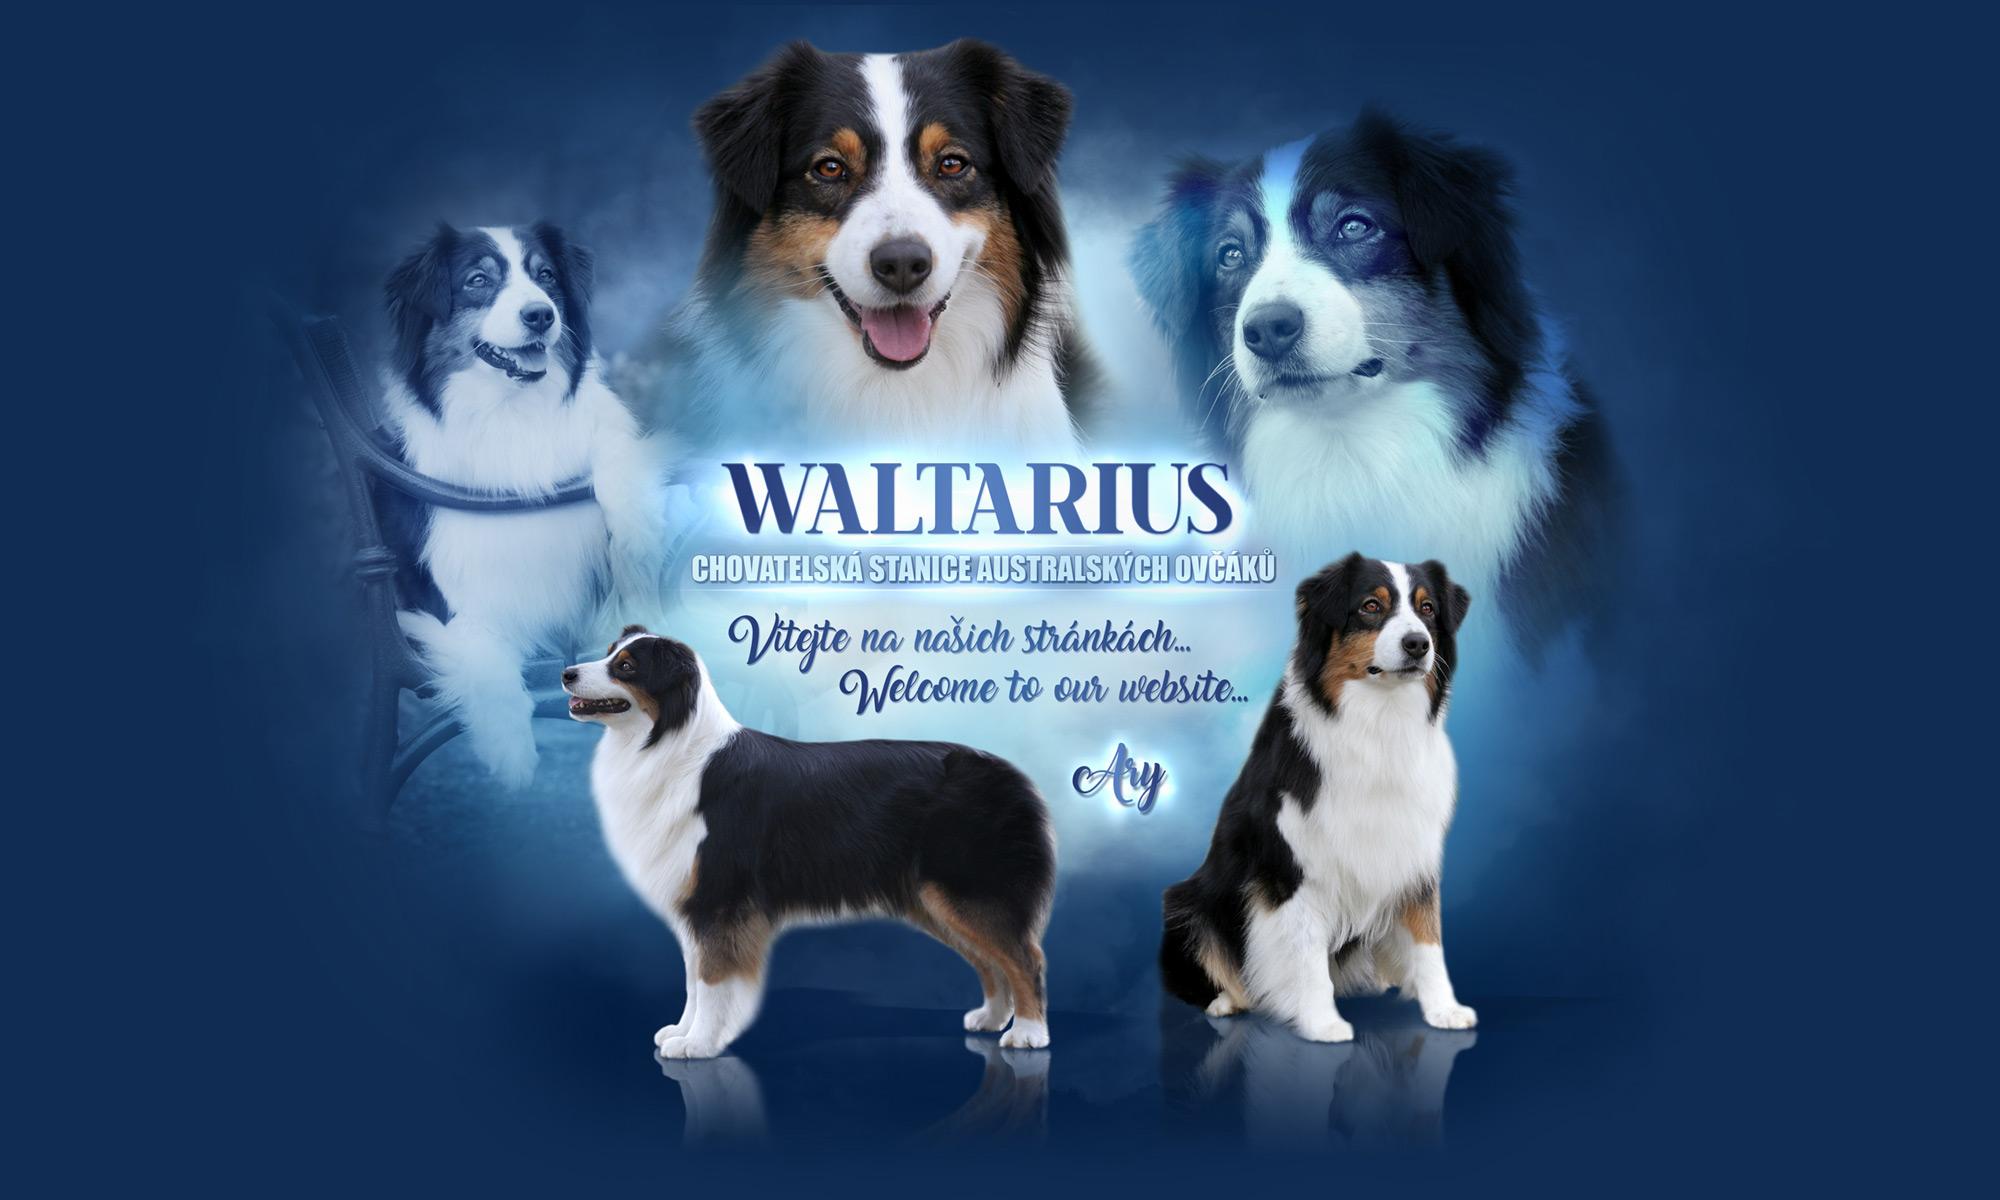 Waltarius